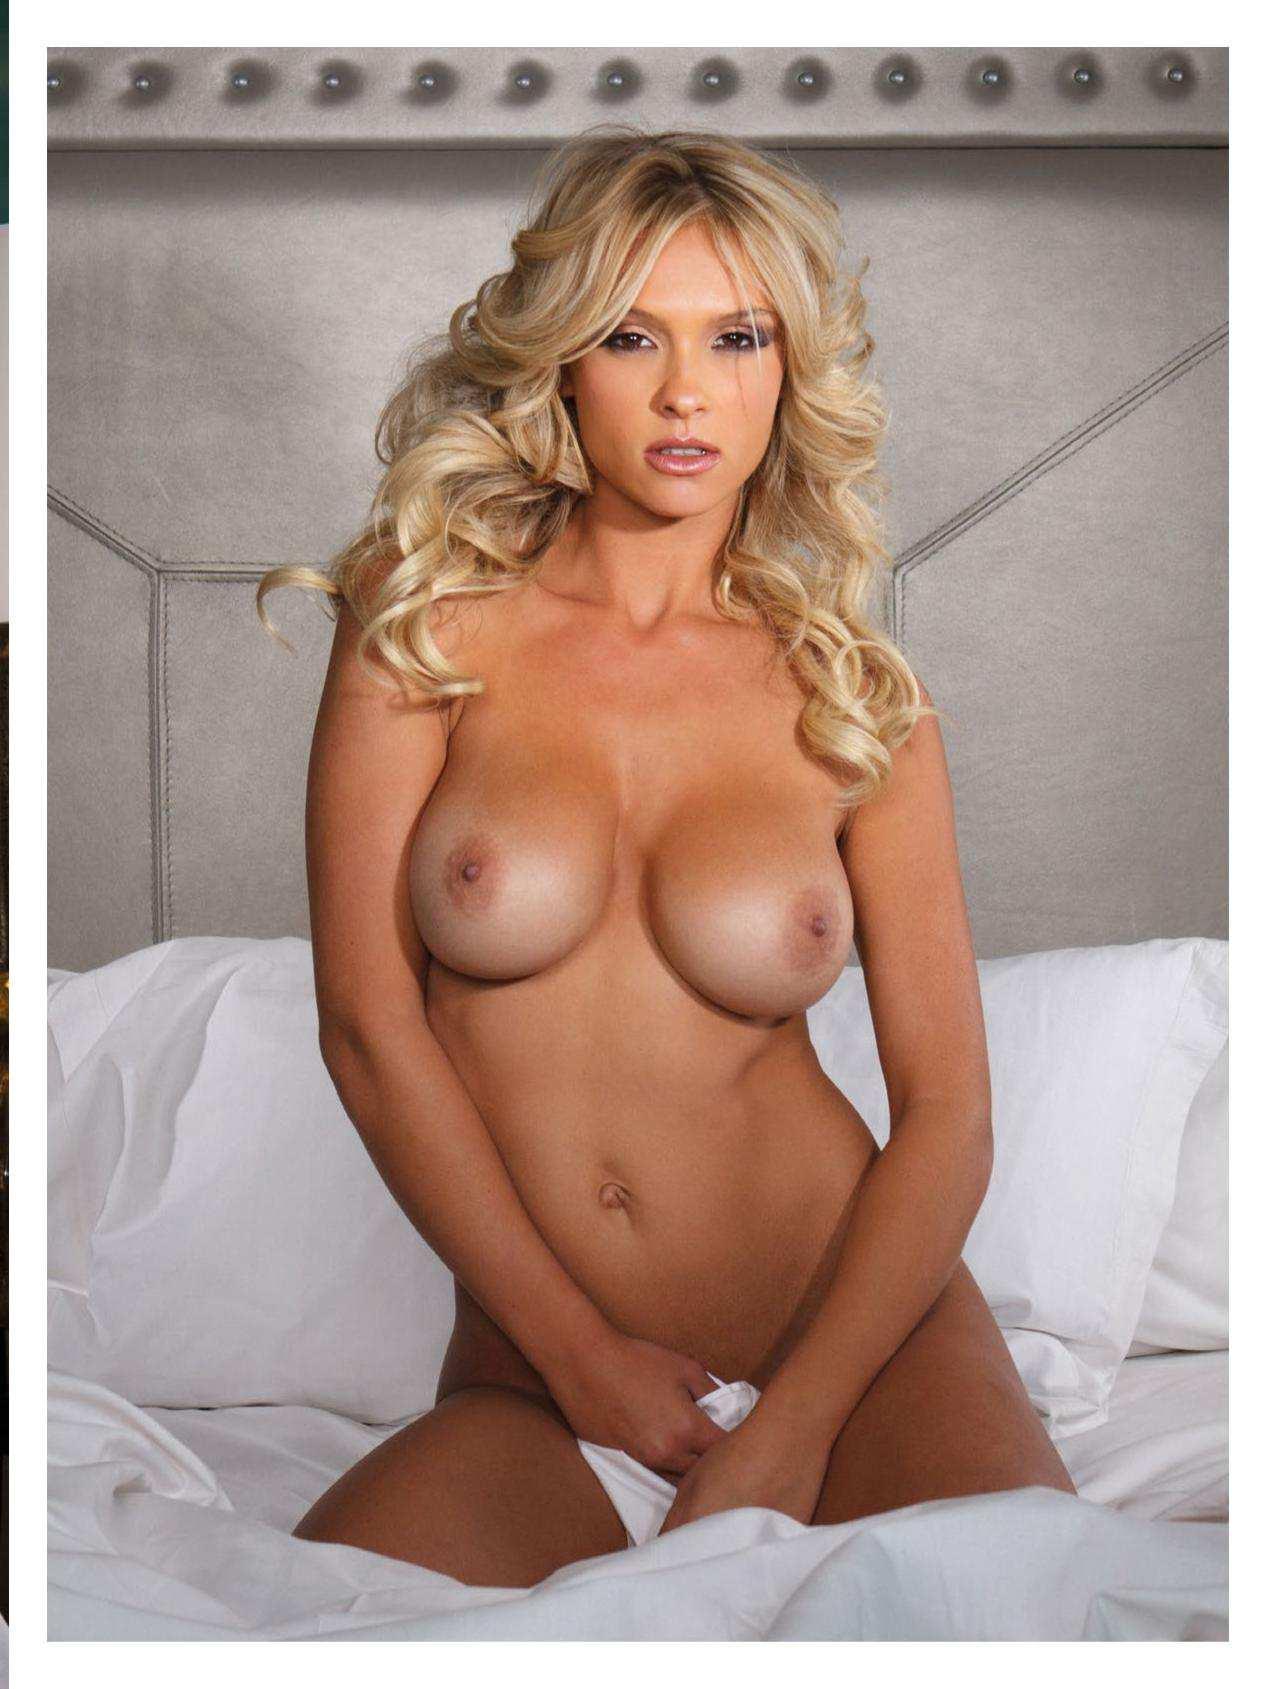 monique naked pics